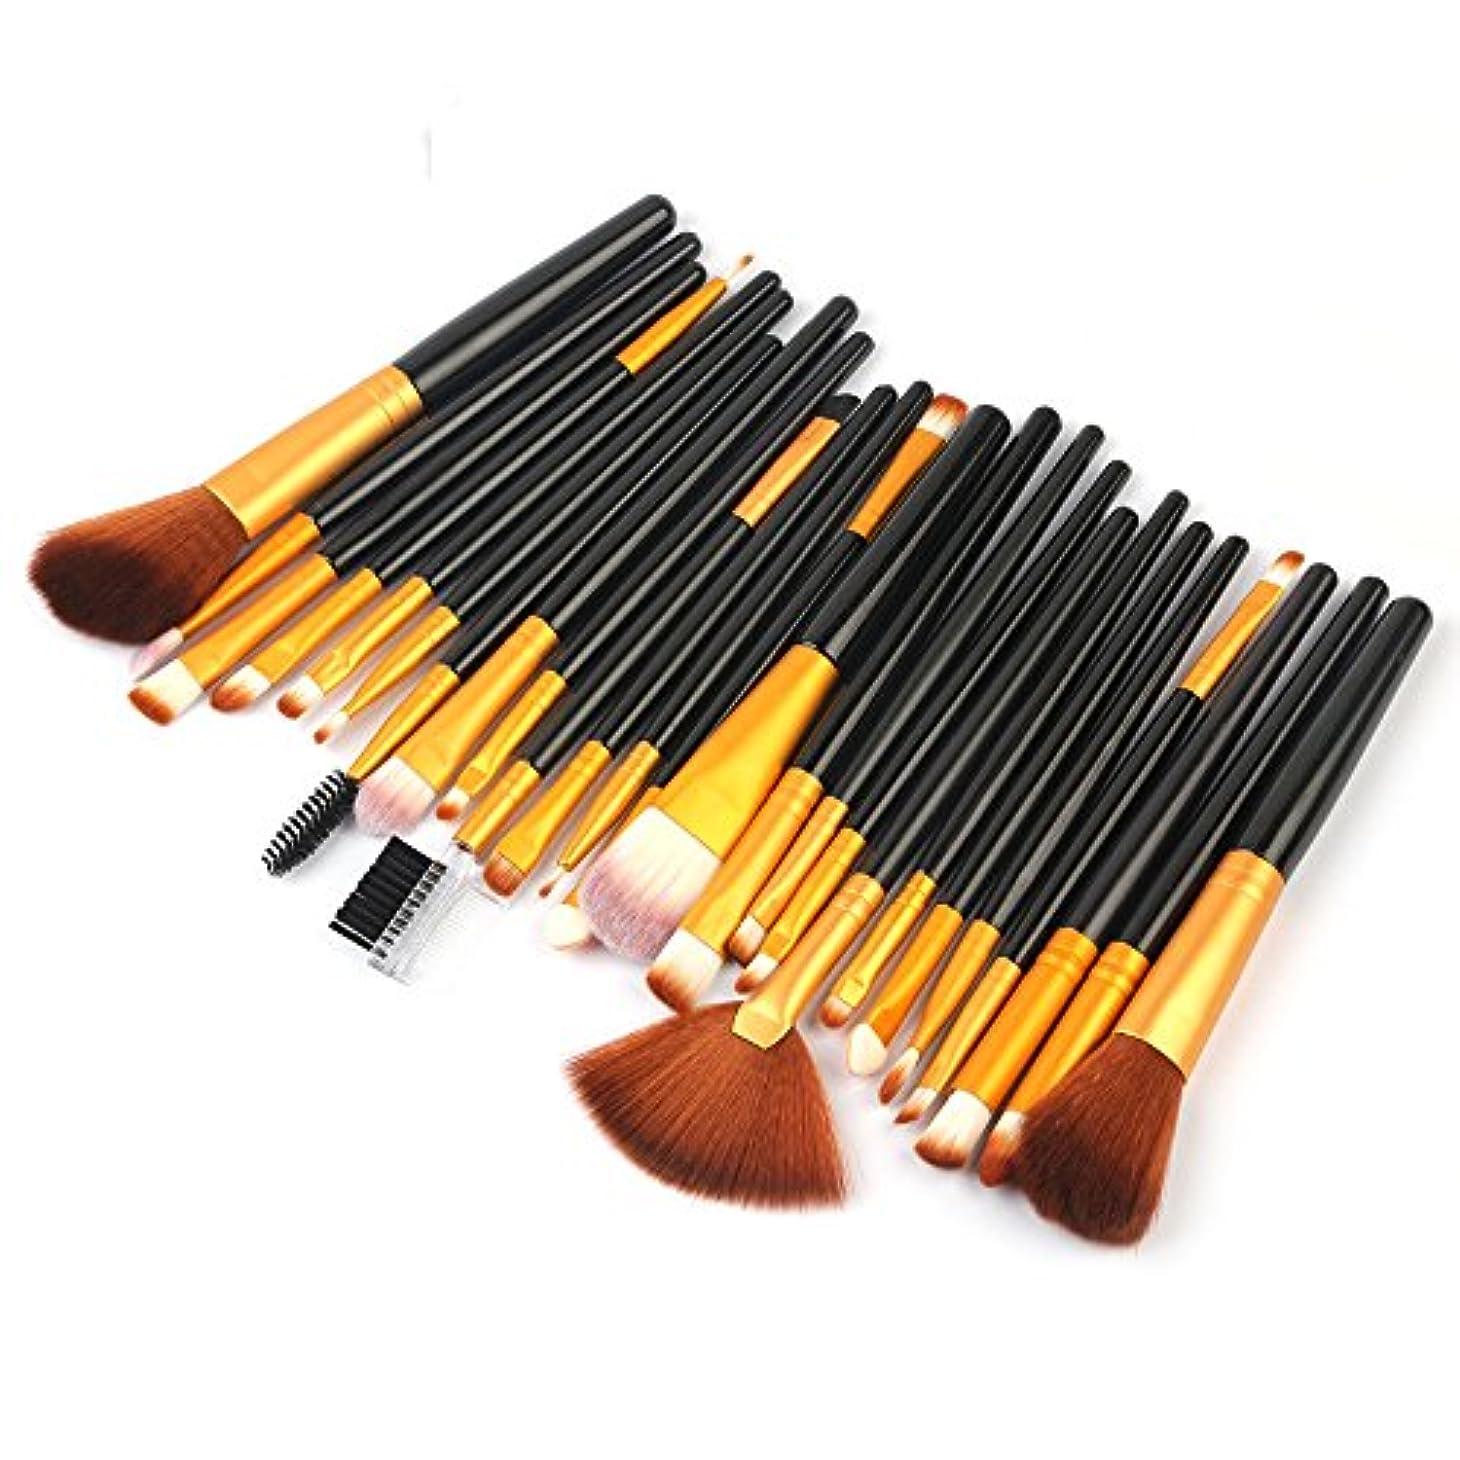 皿兵士キャンセルAkane 25本 プロ 高級 魅力的 高品質 綺麗 美感 たっぷり セート 多機能 使いやすい おしゃれ 便利 柔らかい 激安 日常 仕事 Makeup Brush メイクアップブラシ HJ25